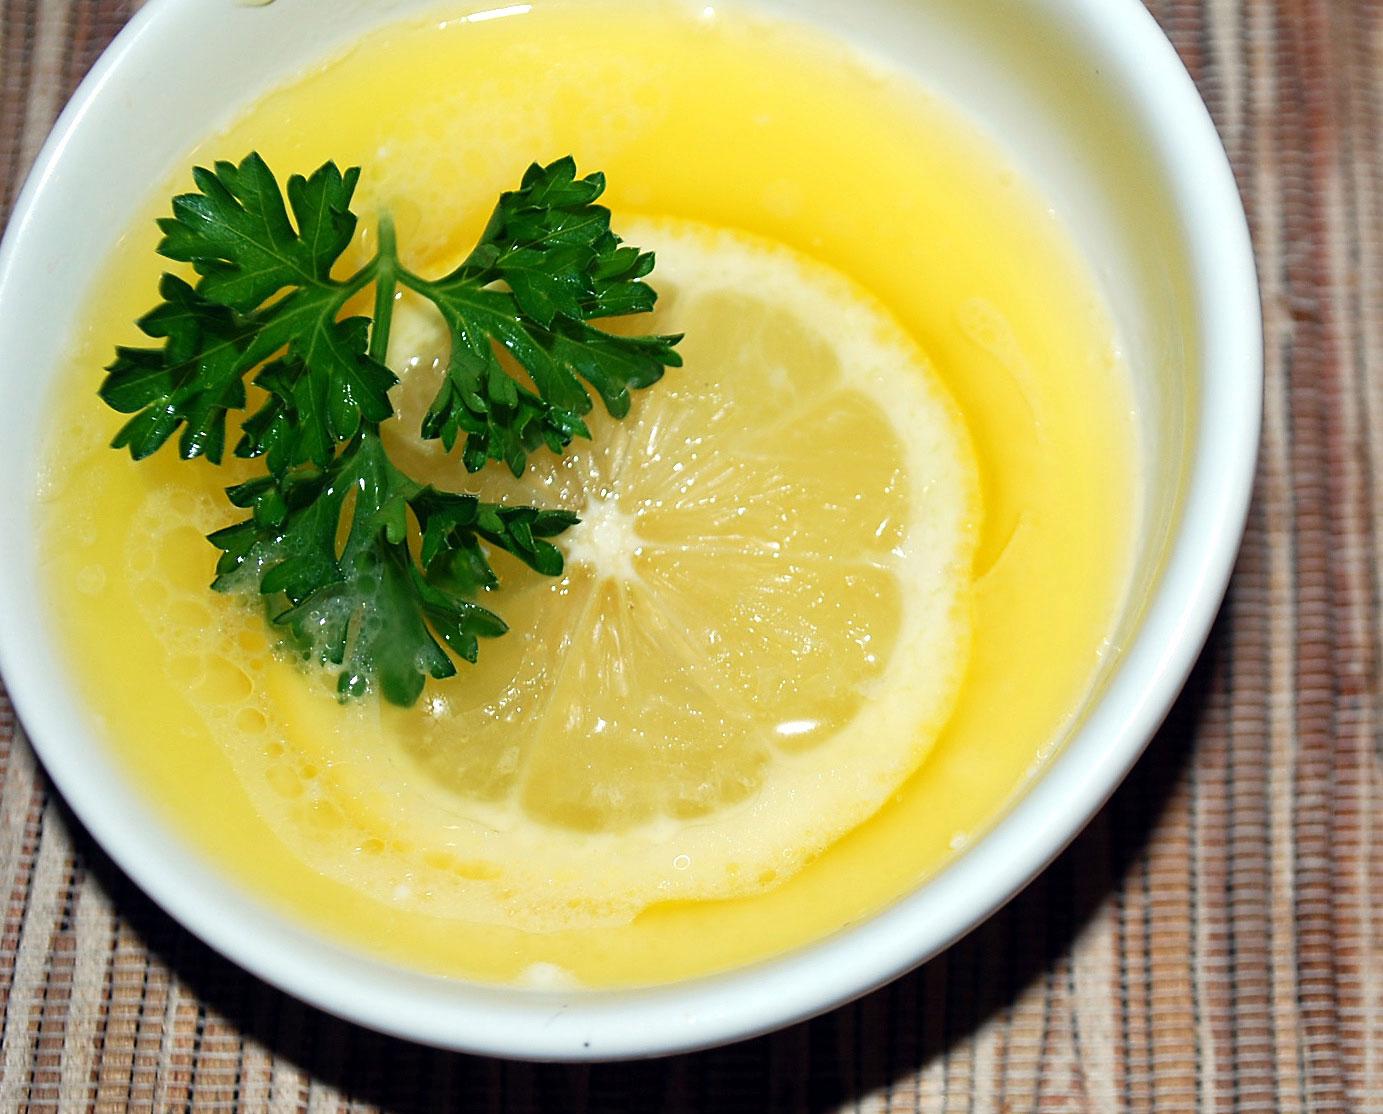 Lucy's Ladle: Lemon Butter Artichoke Dip